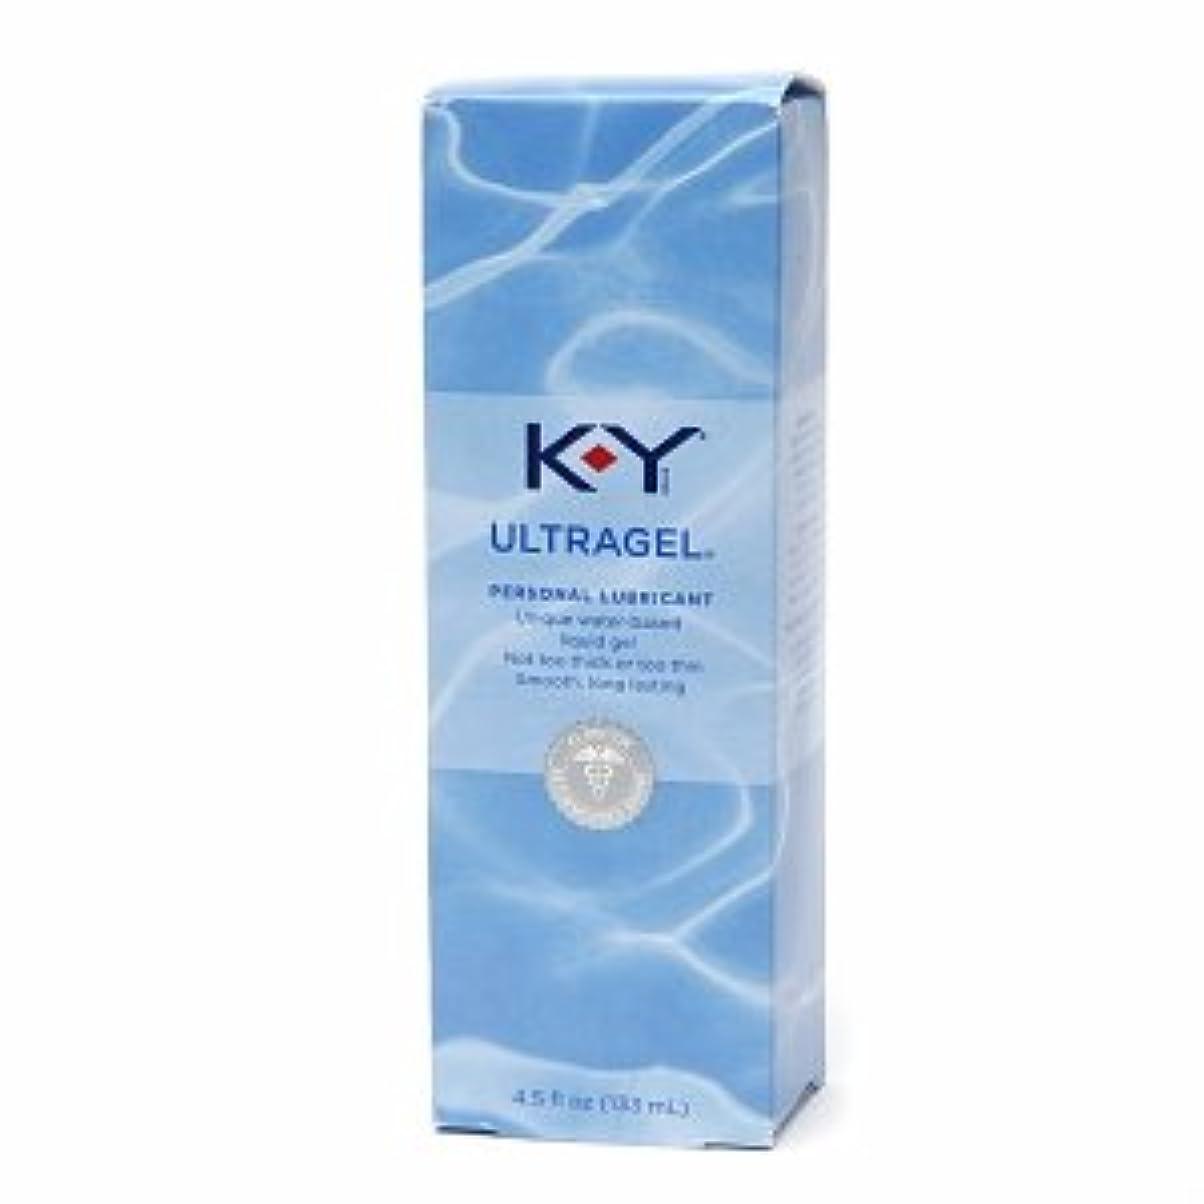 やりすぎ十分な採用074 不感症で濡れにくい方へ【高級潤滑剤 KYゼリー】 水溶性の潤滑ジェル42g 海外直送品